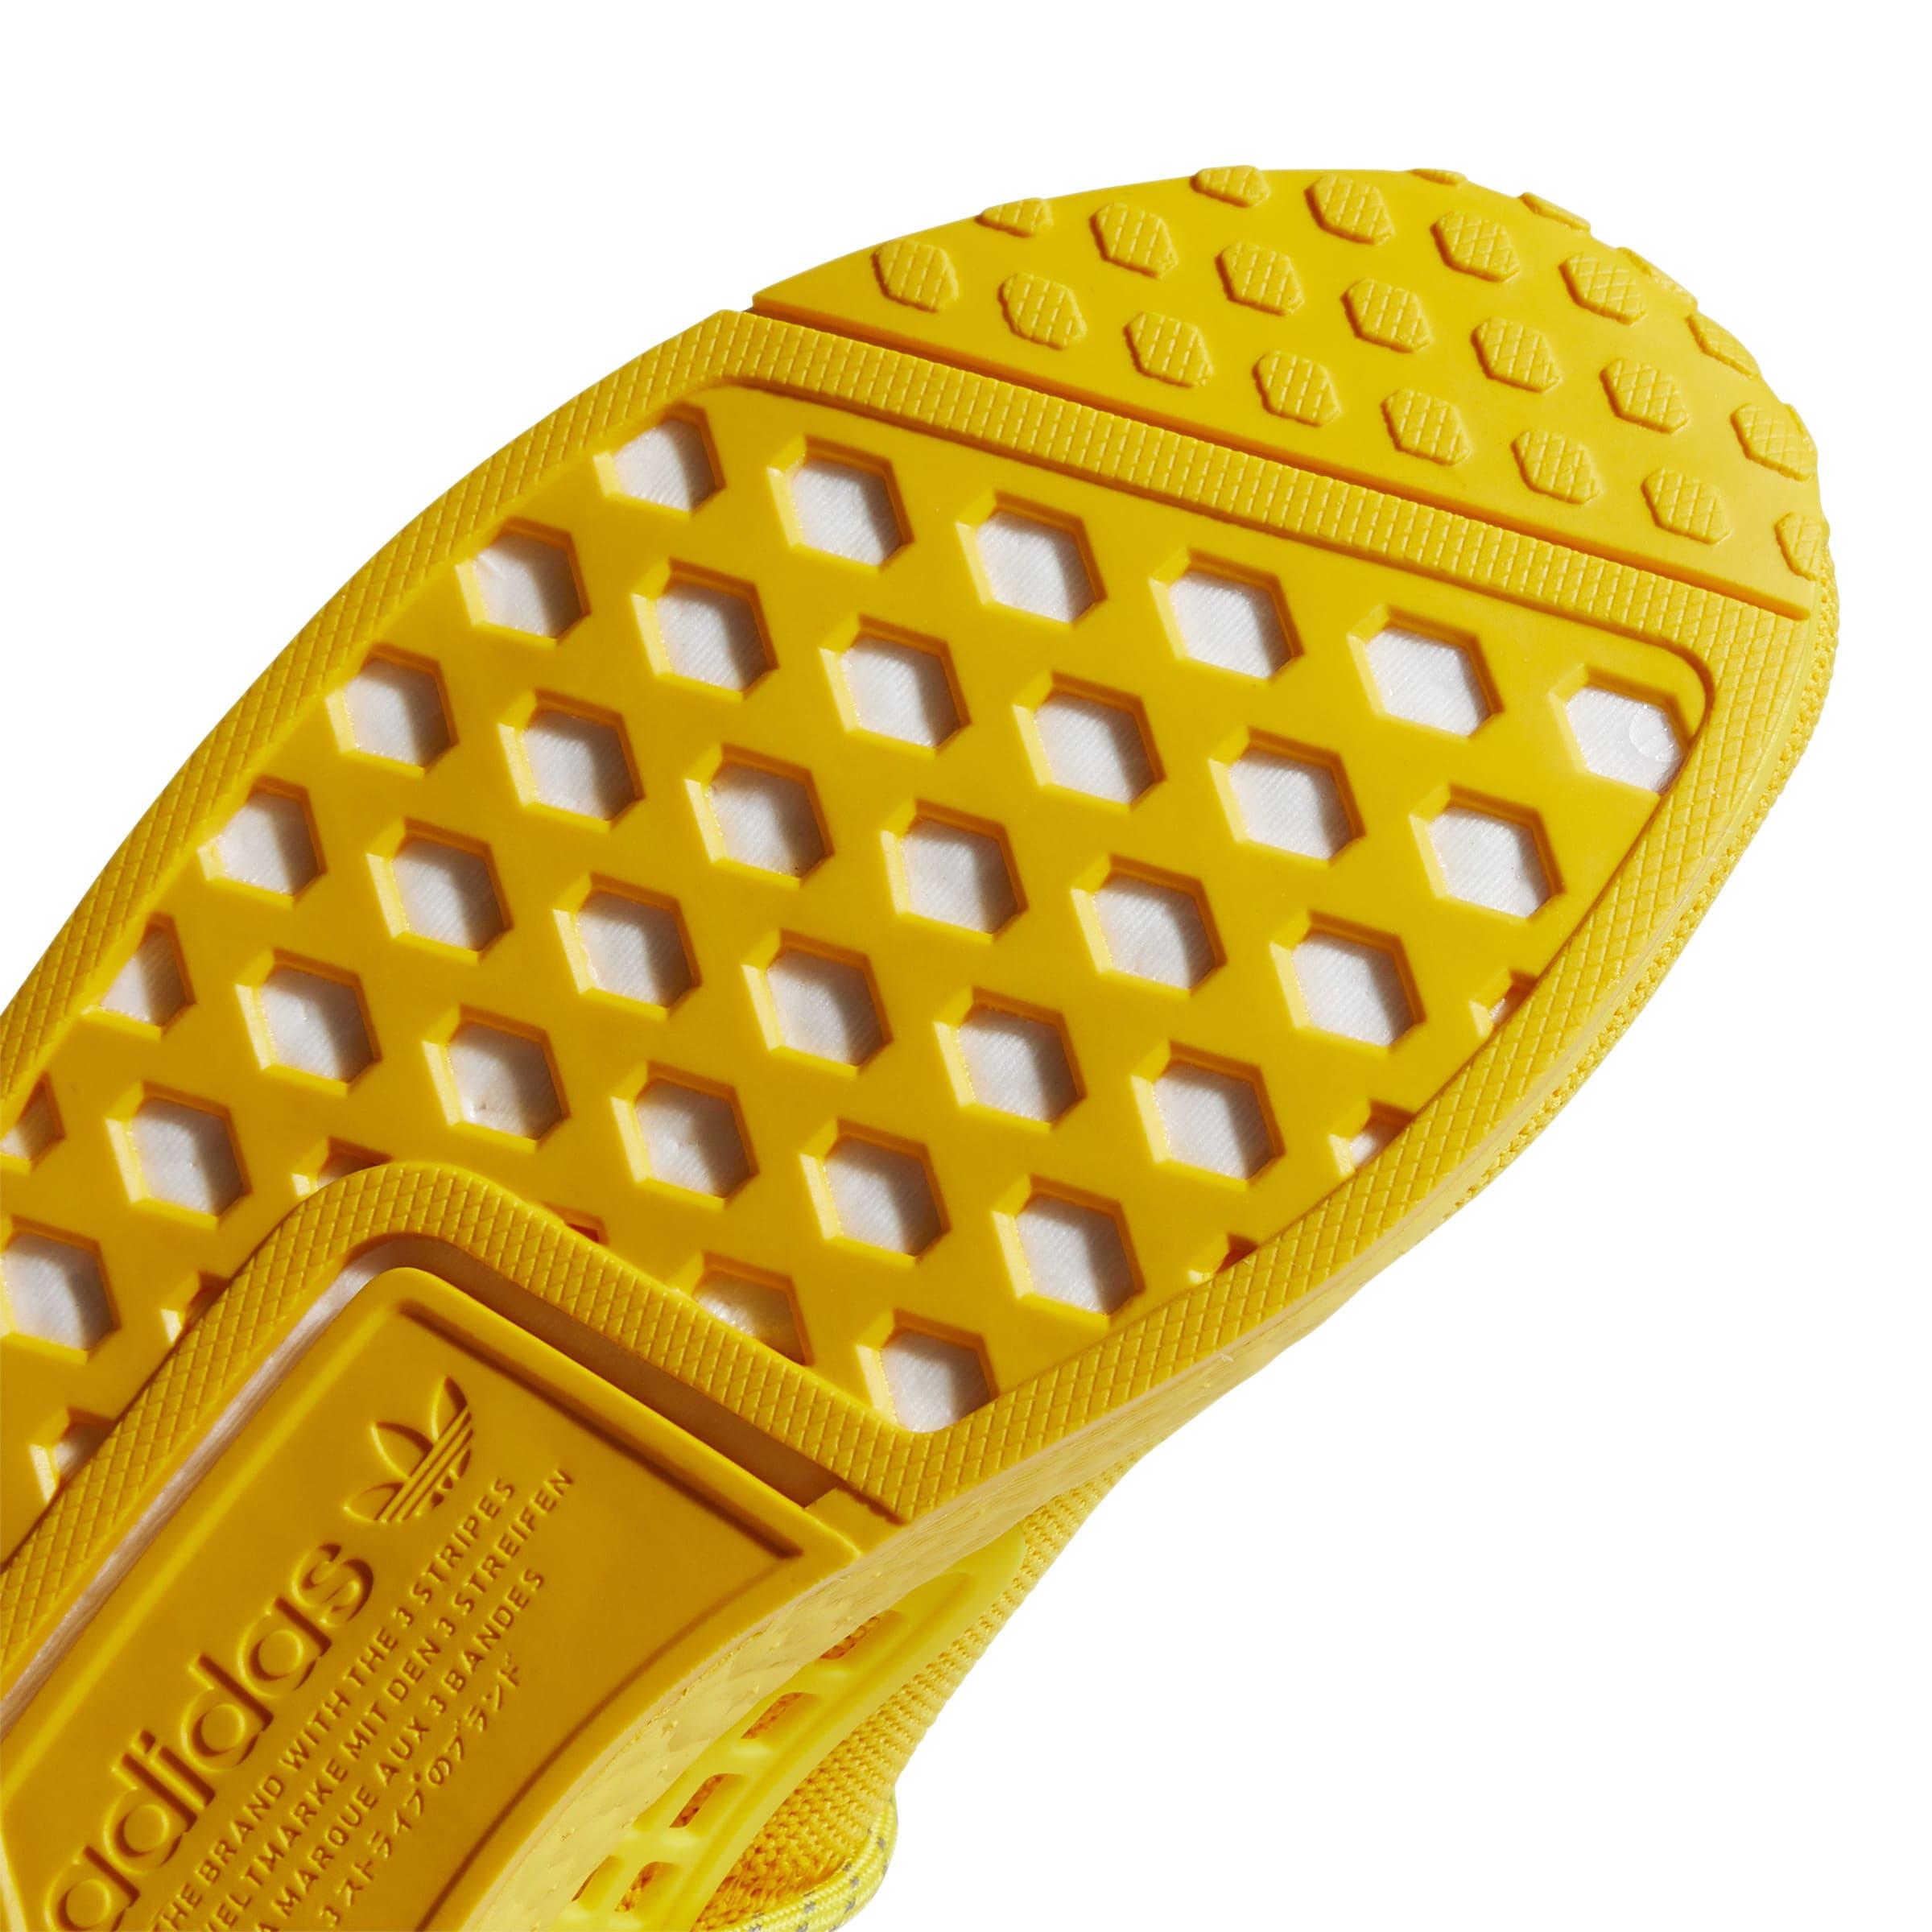 Pharrell x Adidas NMD Hu 'Yellow' GY0091 Outsole